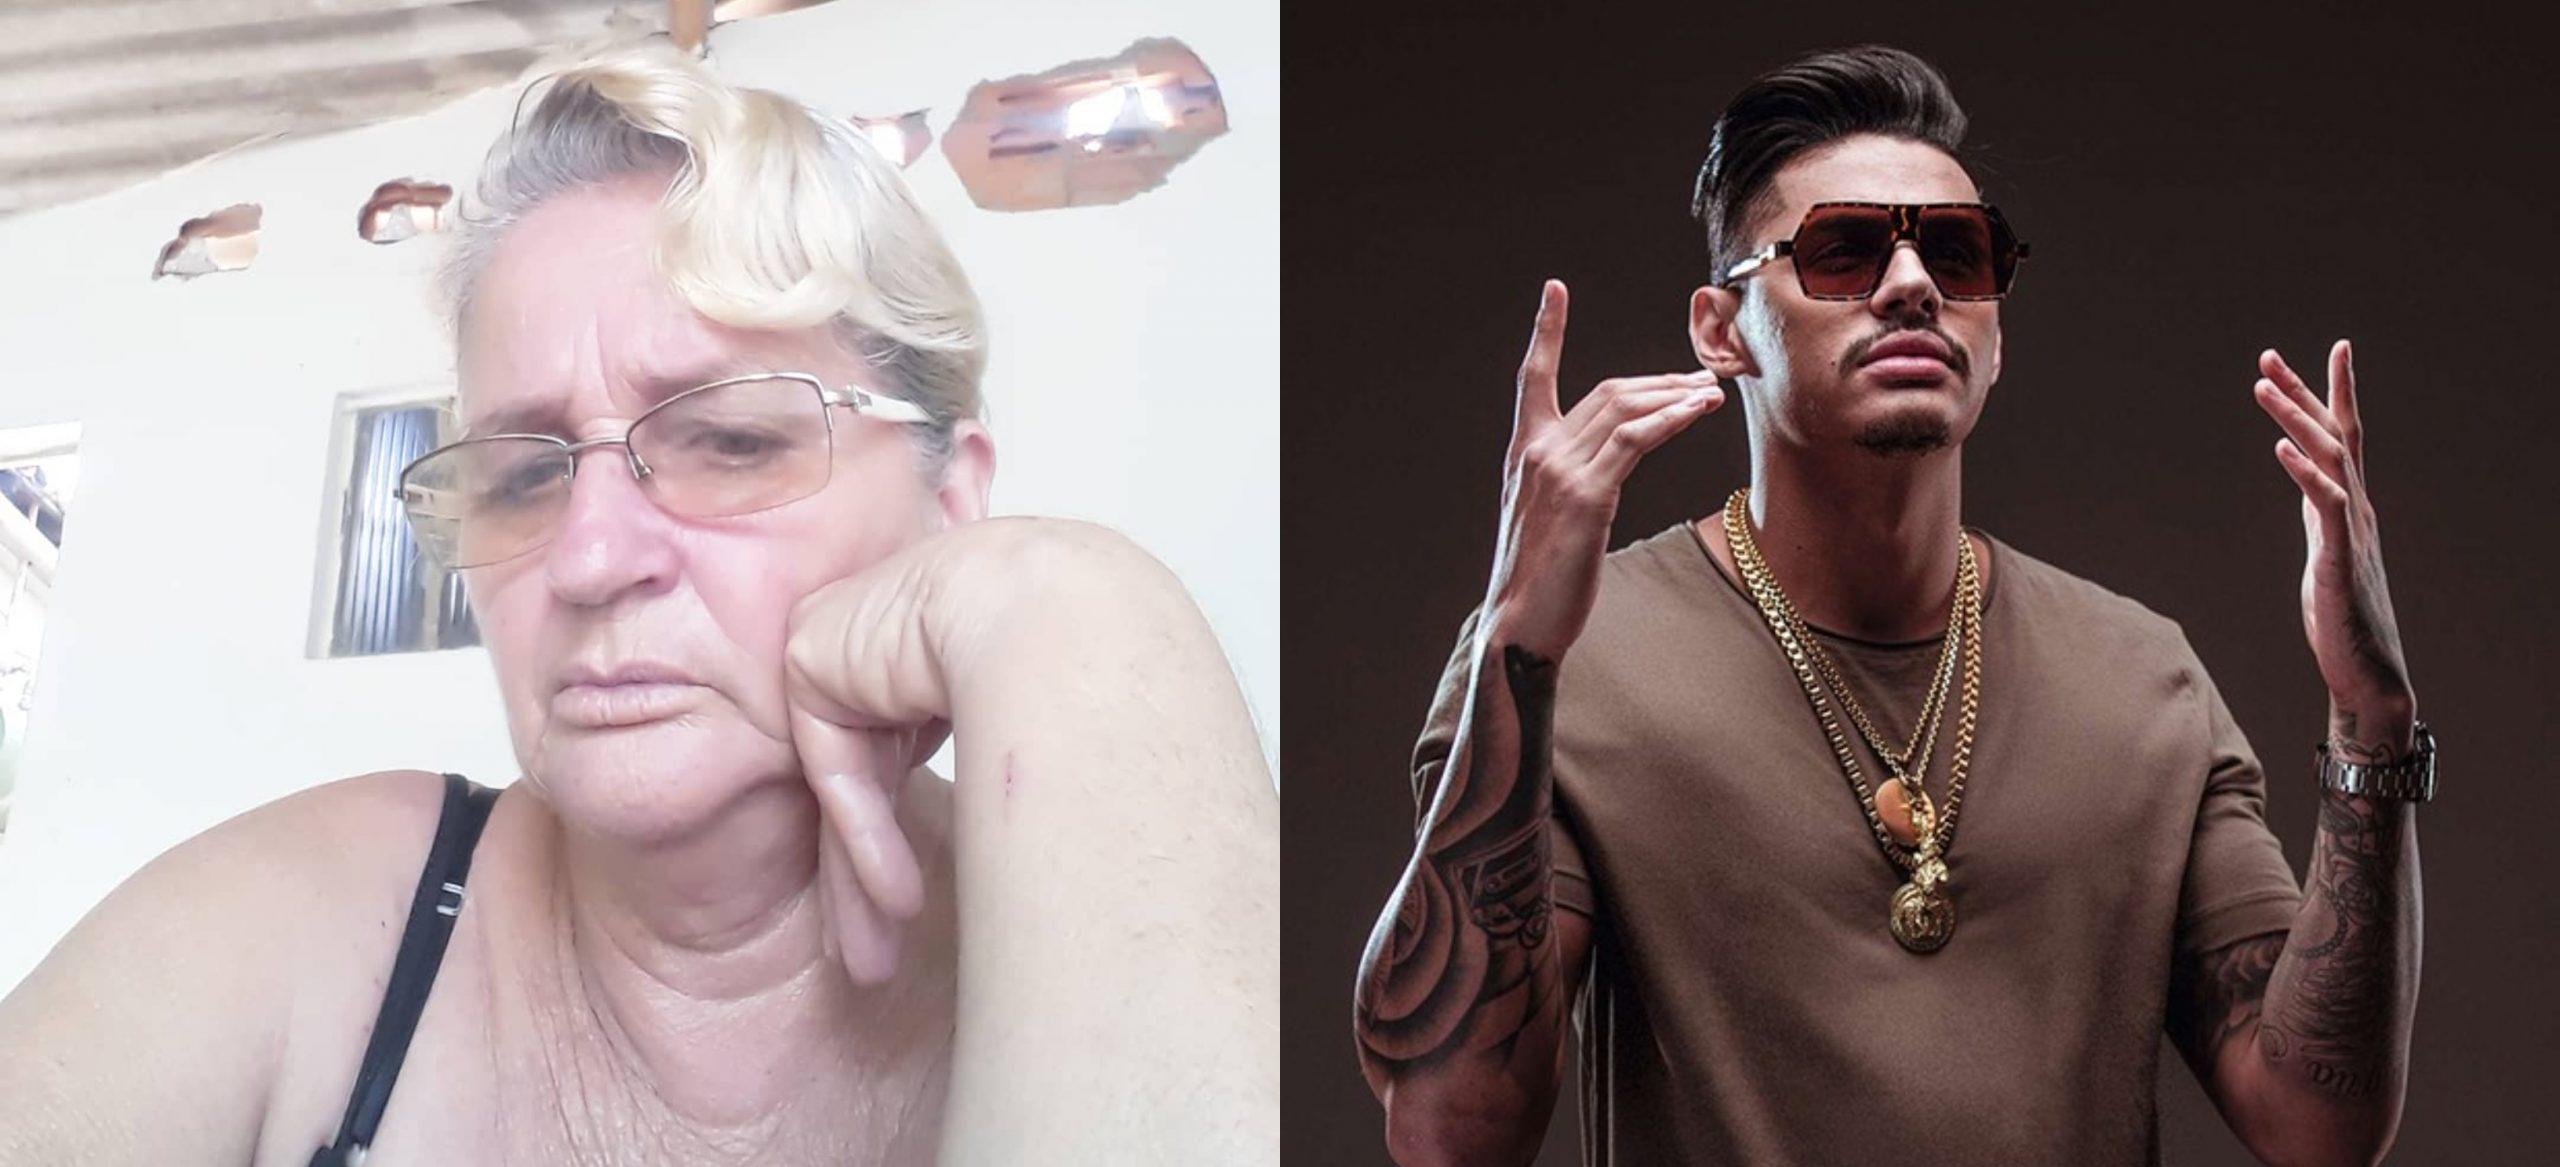 Vovó do rap fez sucesso na internet cantando Hungria e com o bordão 'respeita carai'